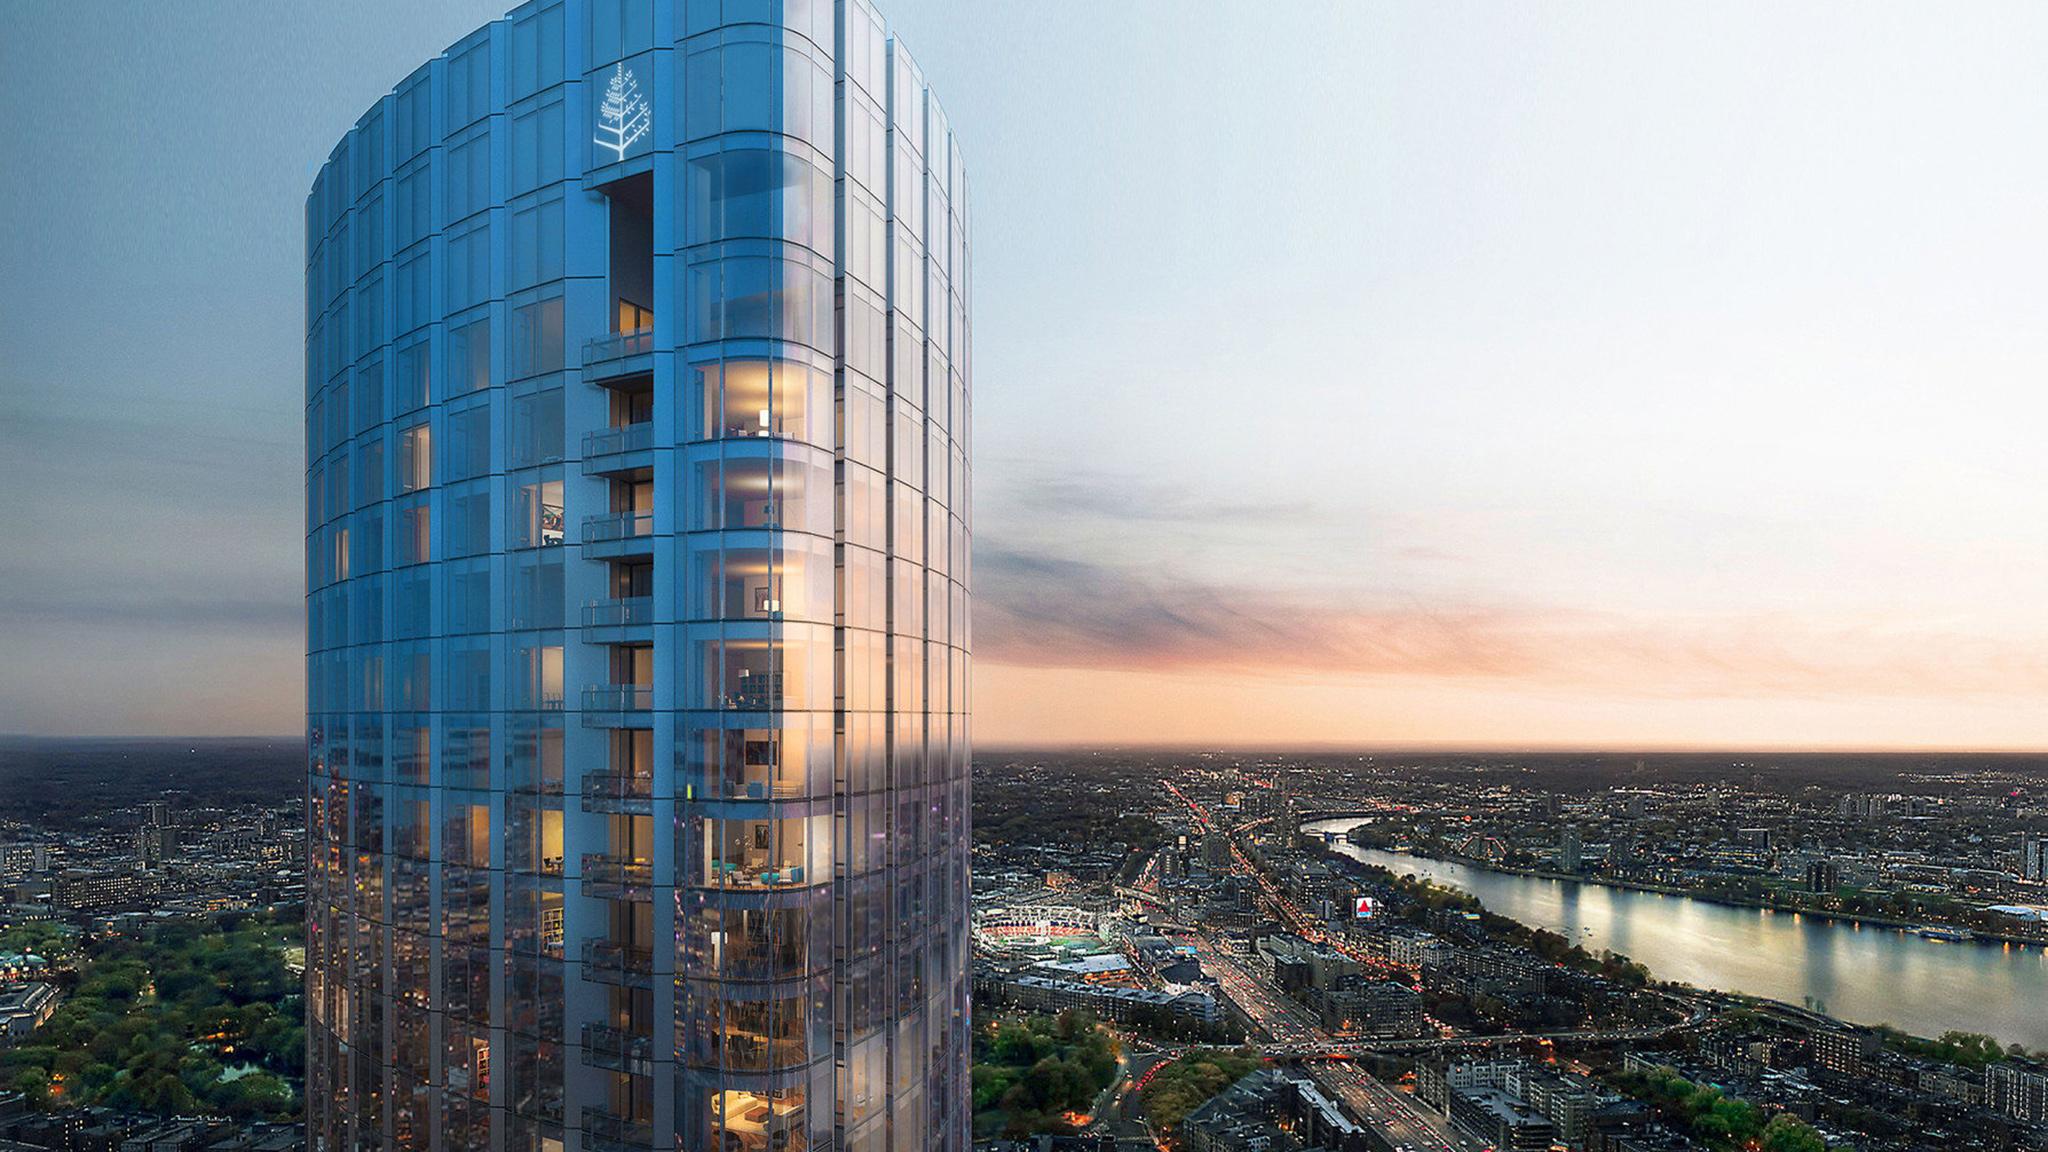 Boston Property Moves Skyward As Condo Prices Dip Financial Times